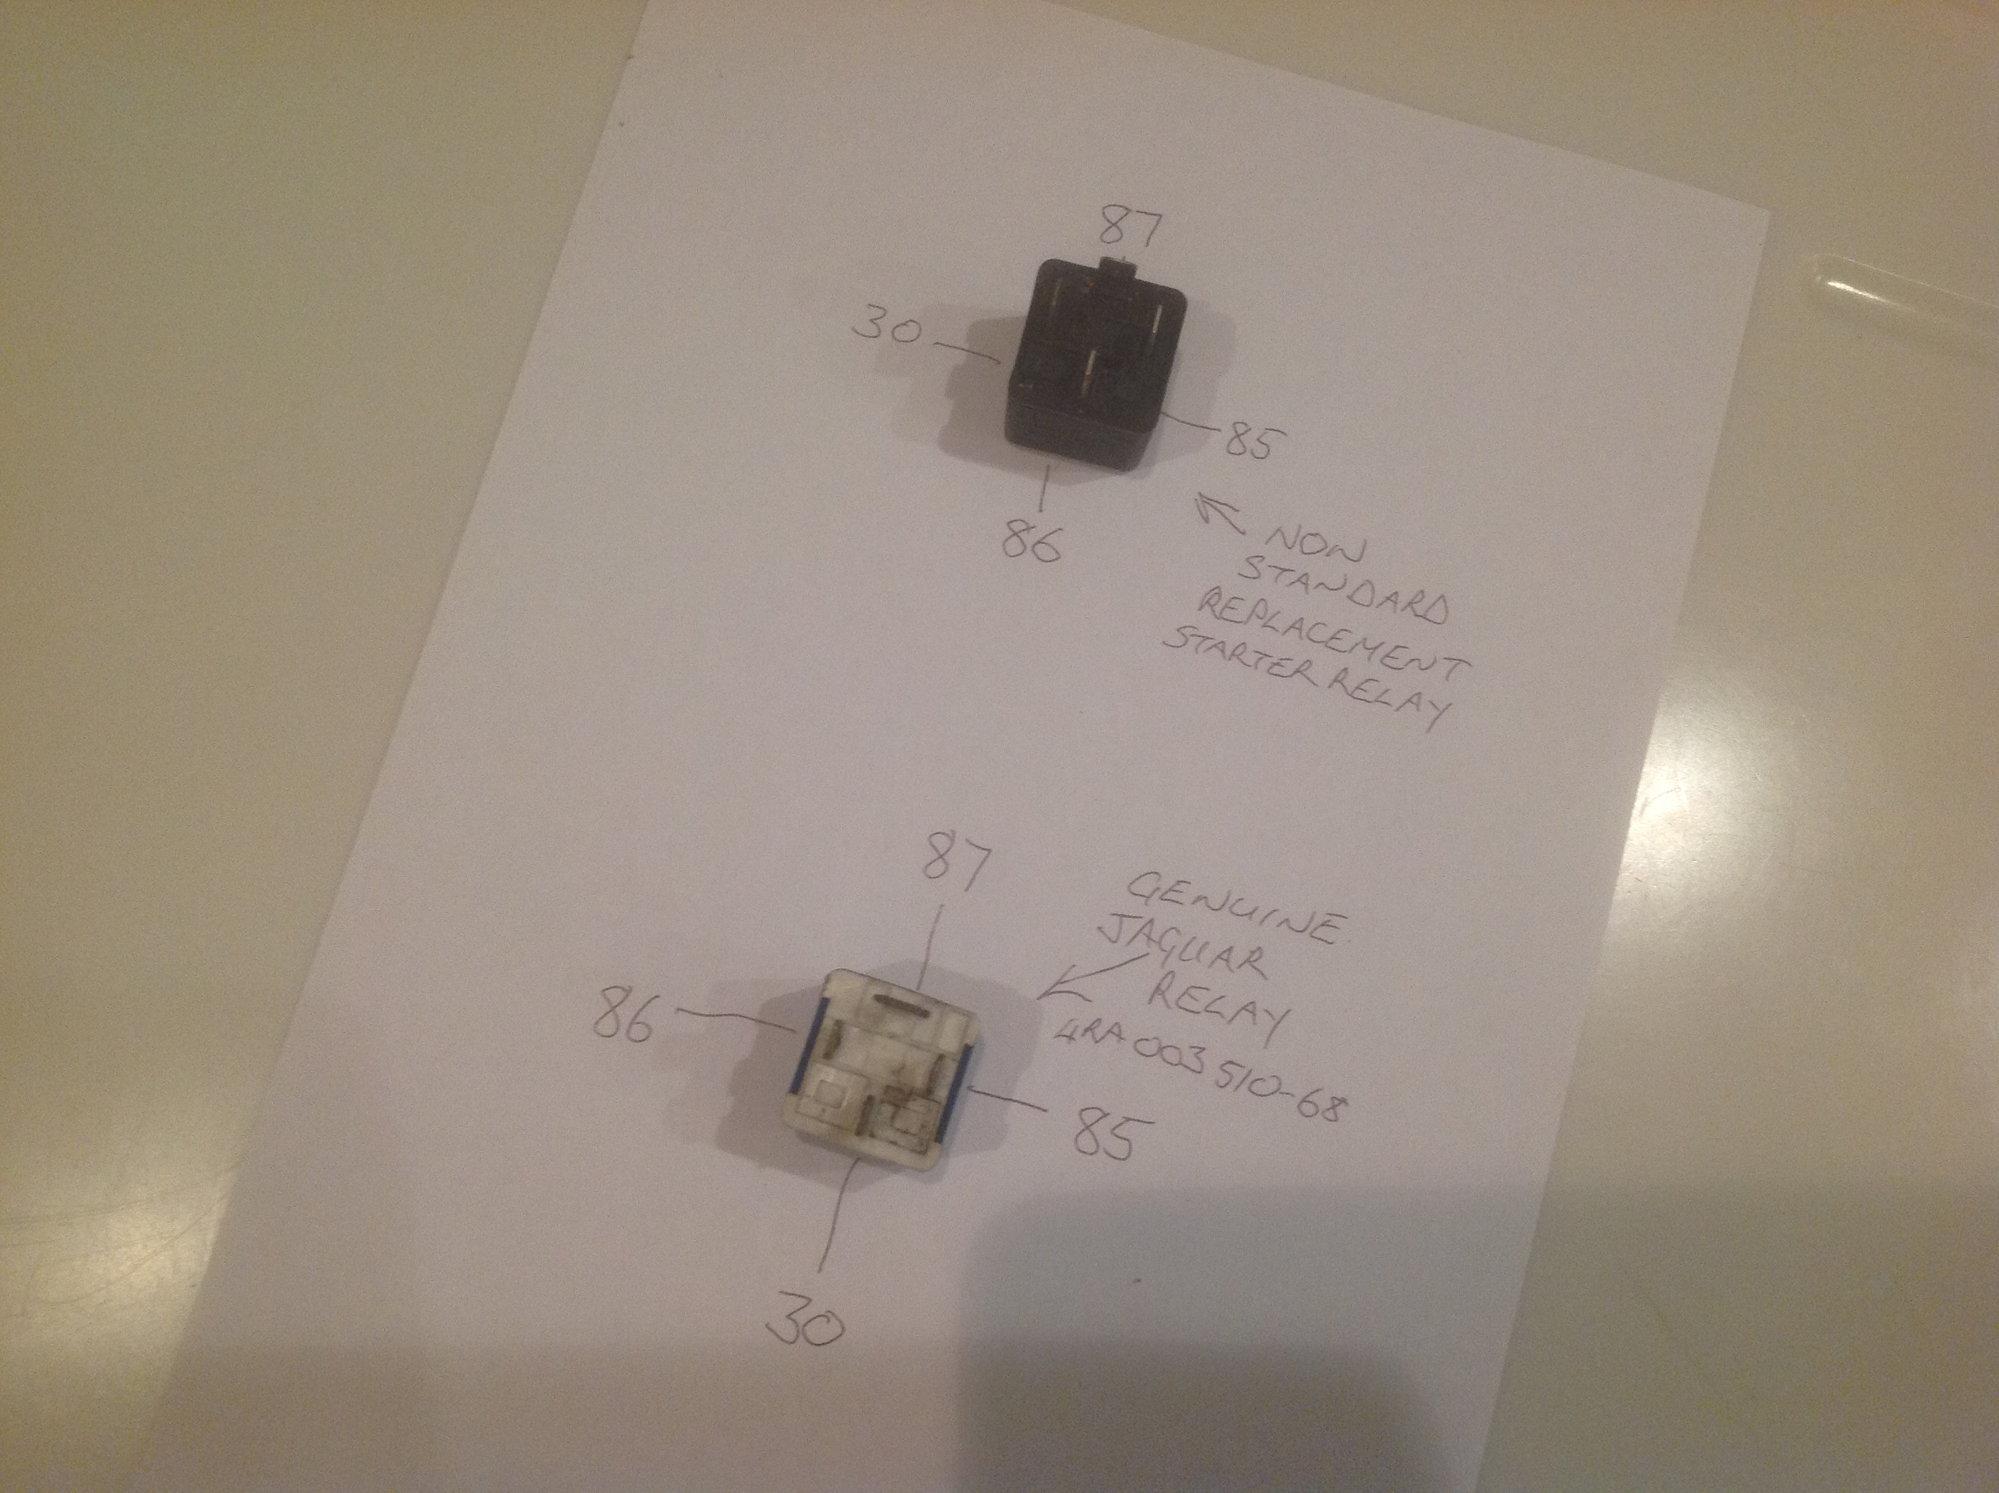 85 Xjs Starter Wiring Diagram. . Wiring Diagram Jaguar Xjs Starter Relay Wiring Diagram on